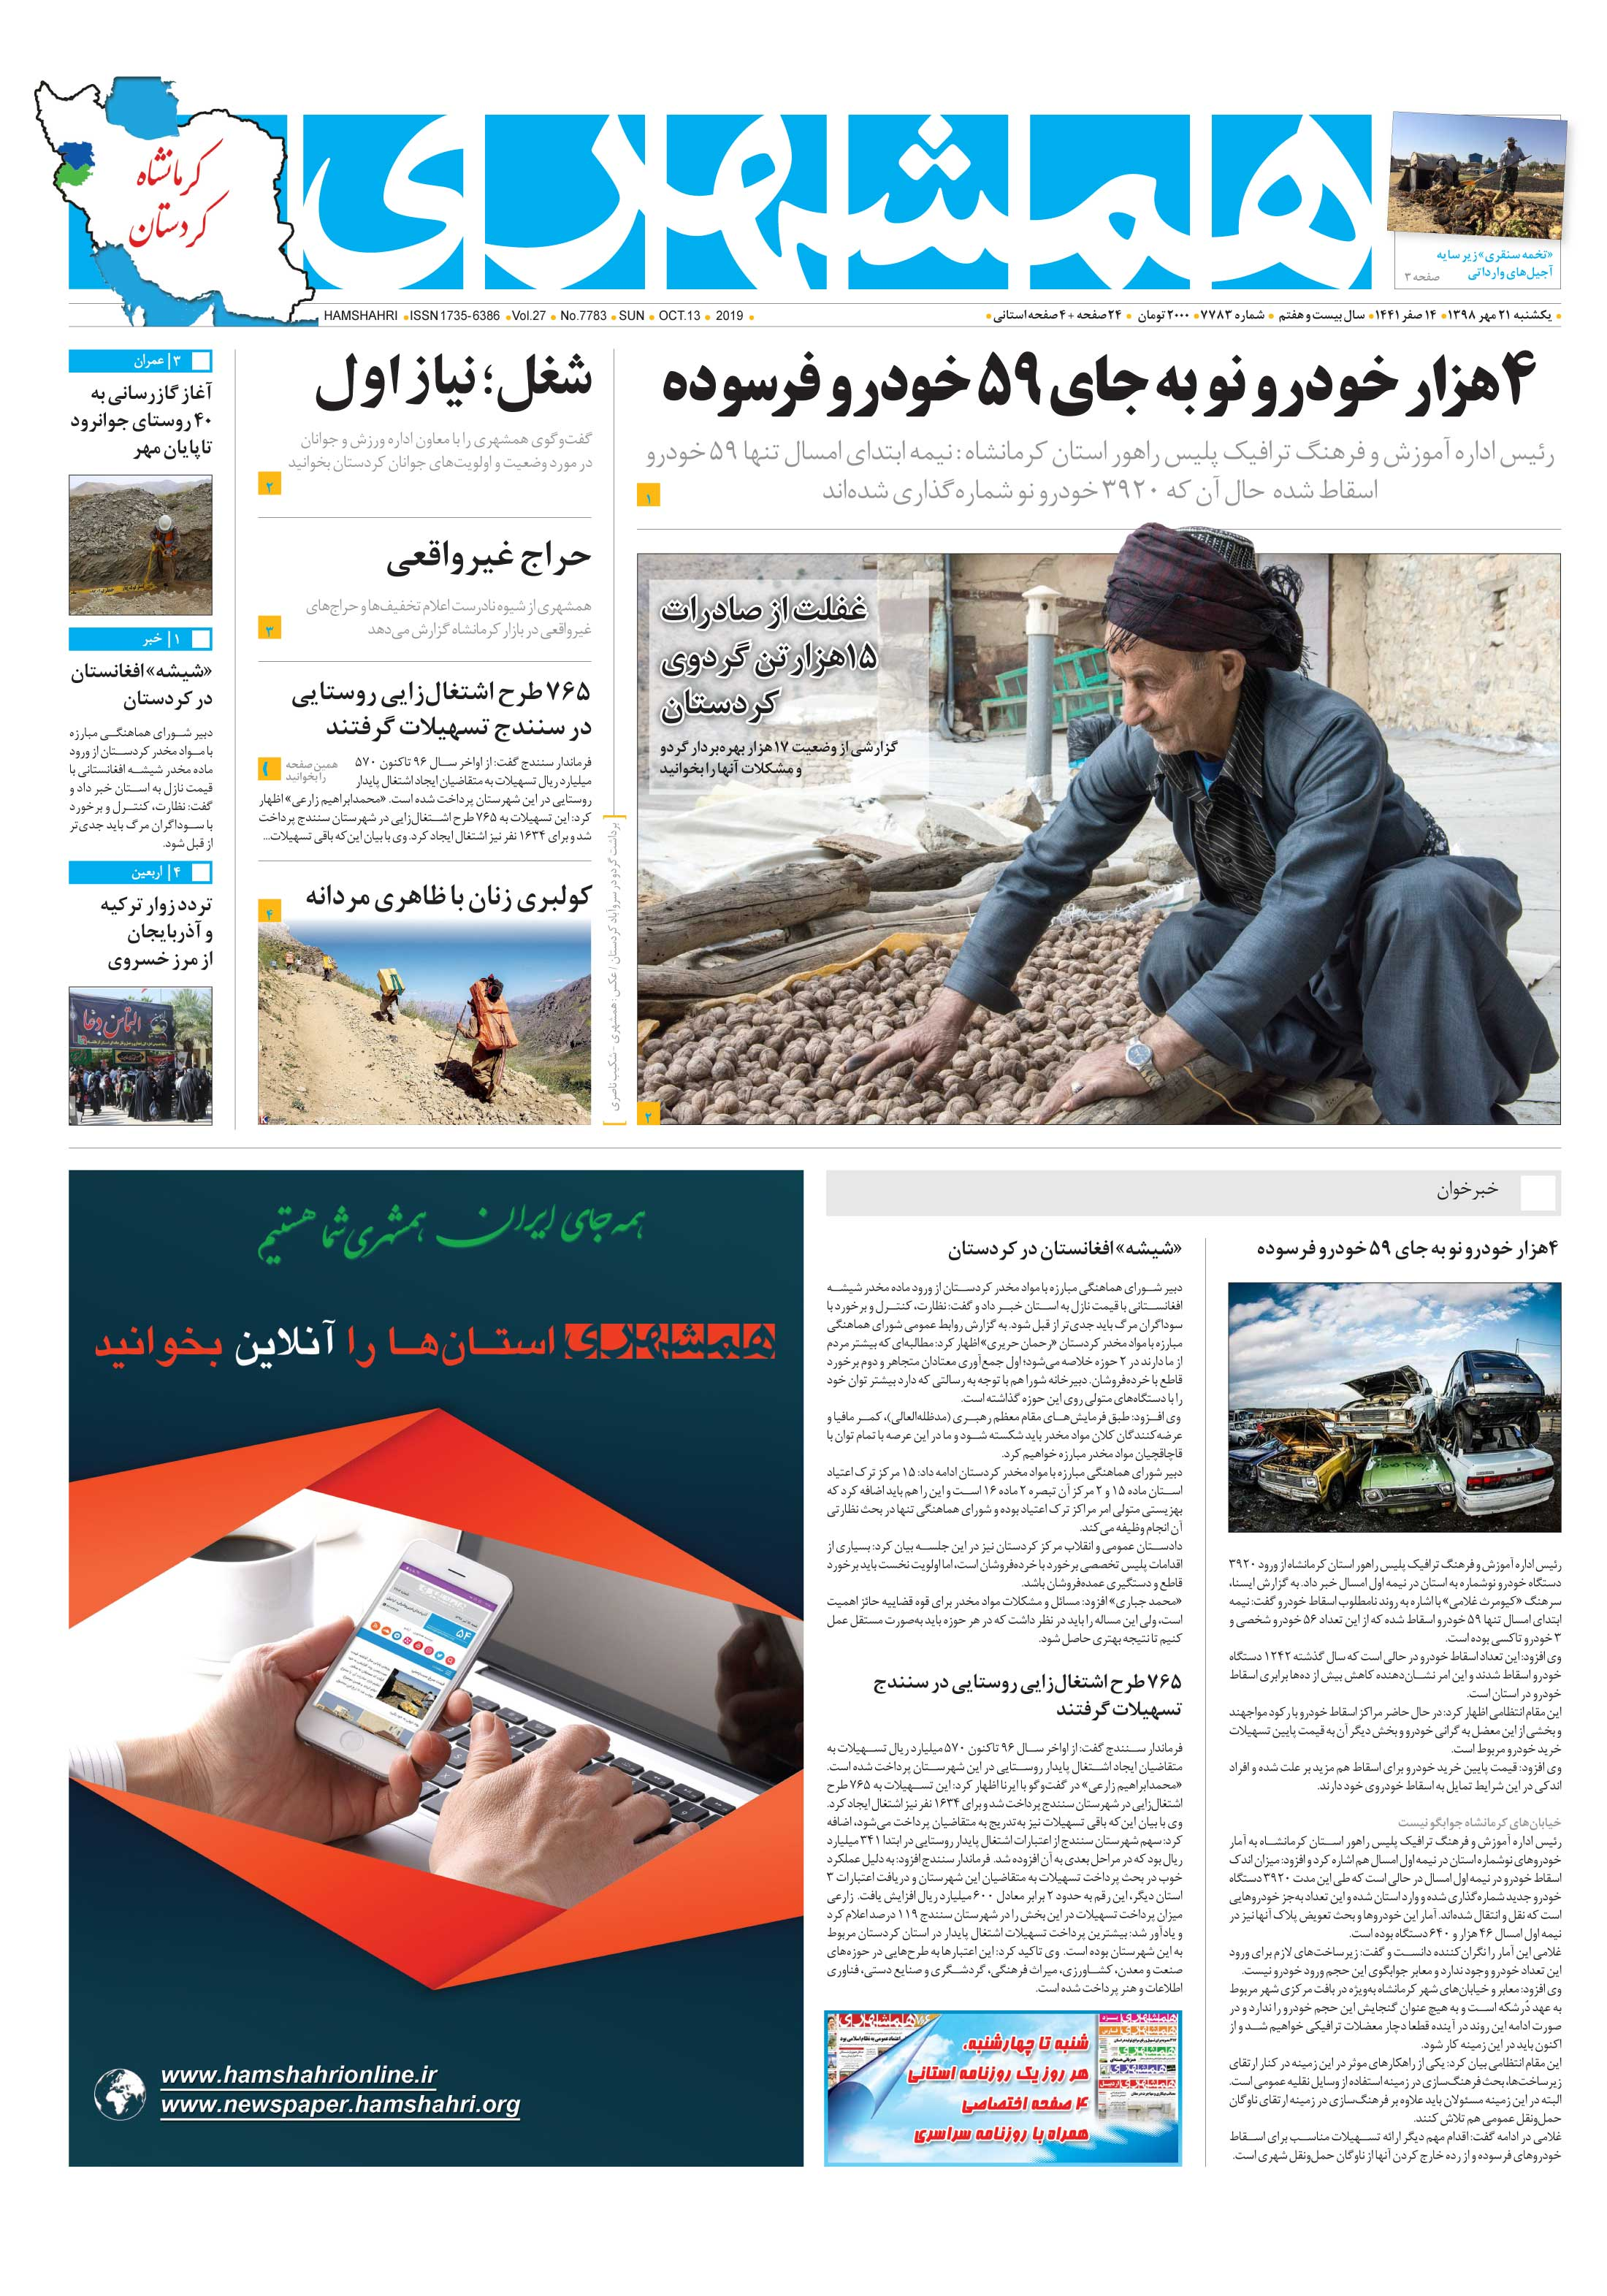 کرمانشاه، کردستان